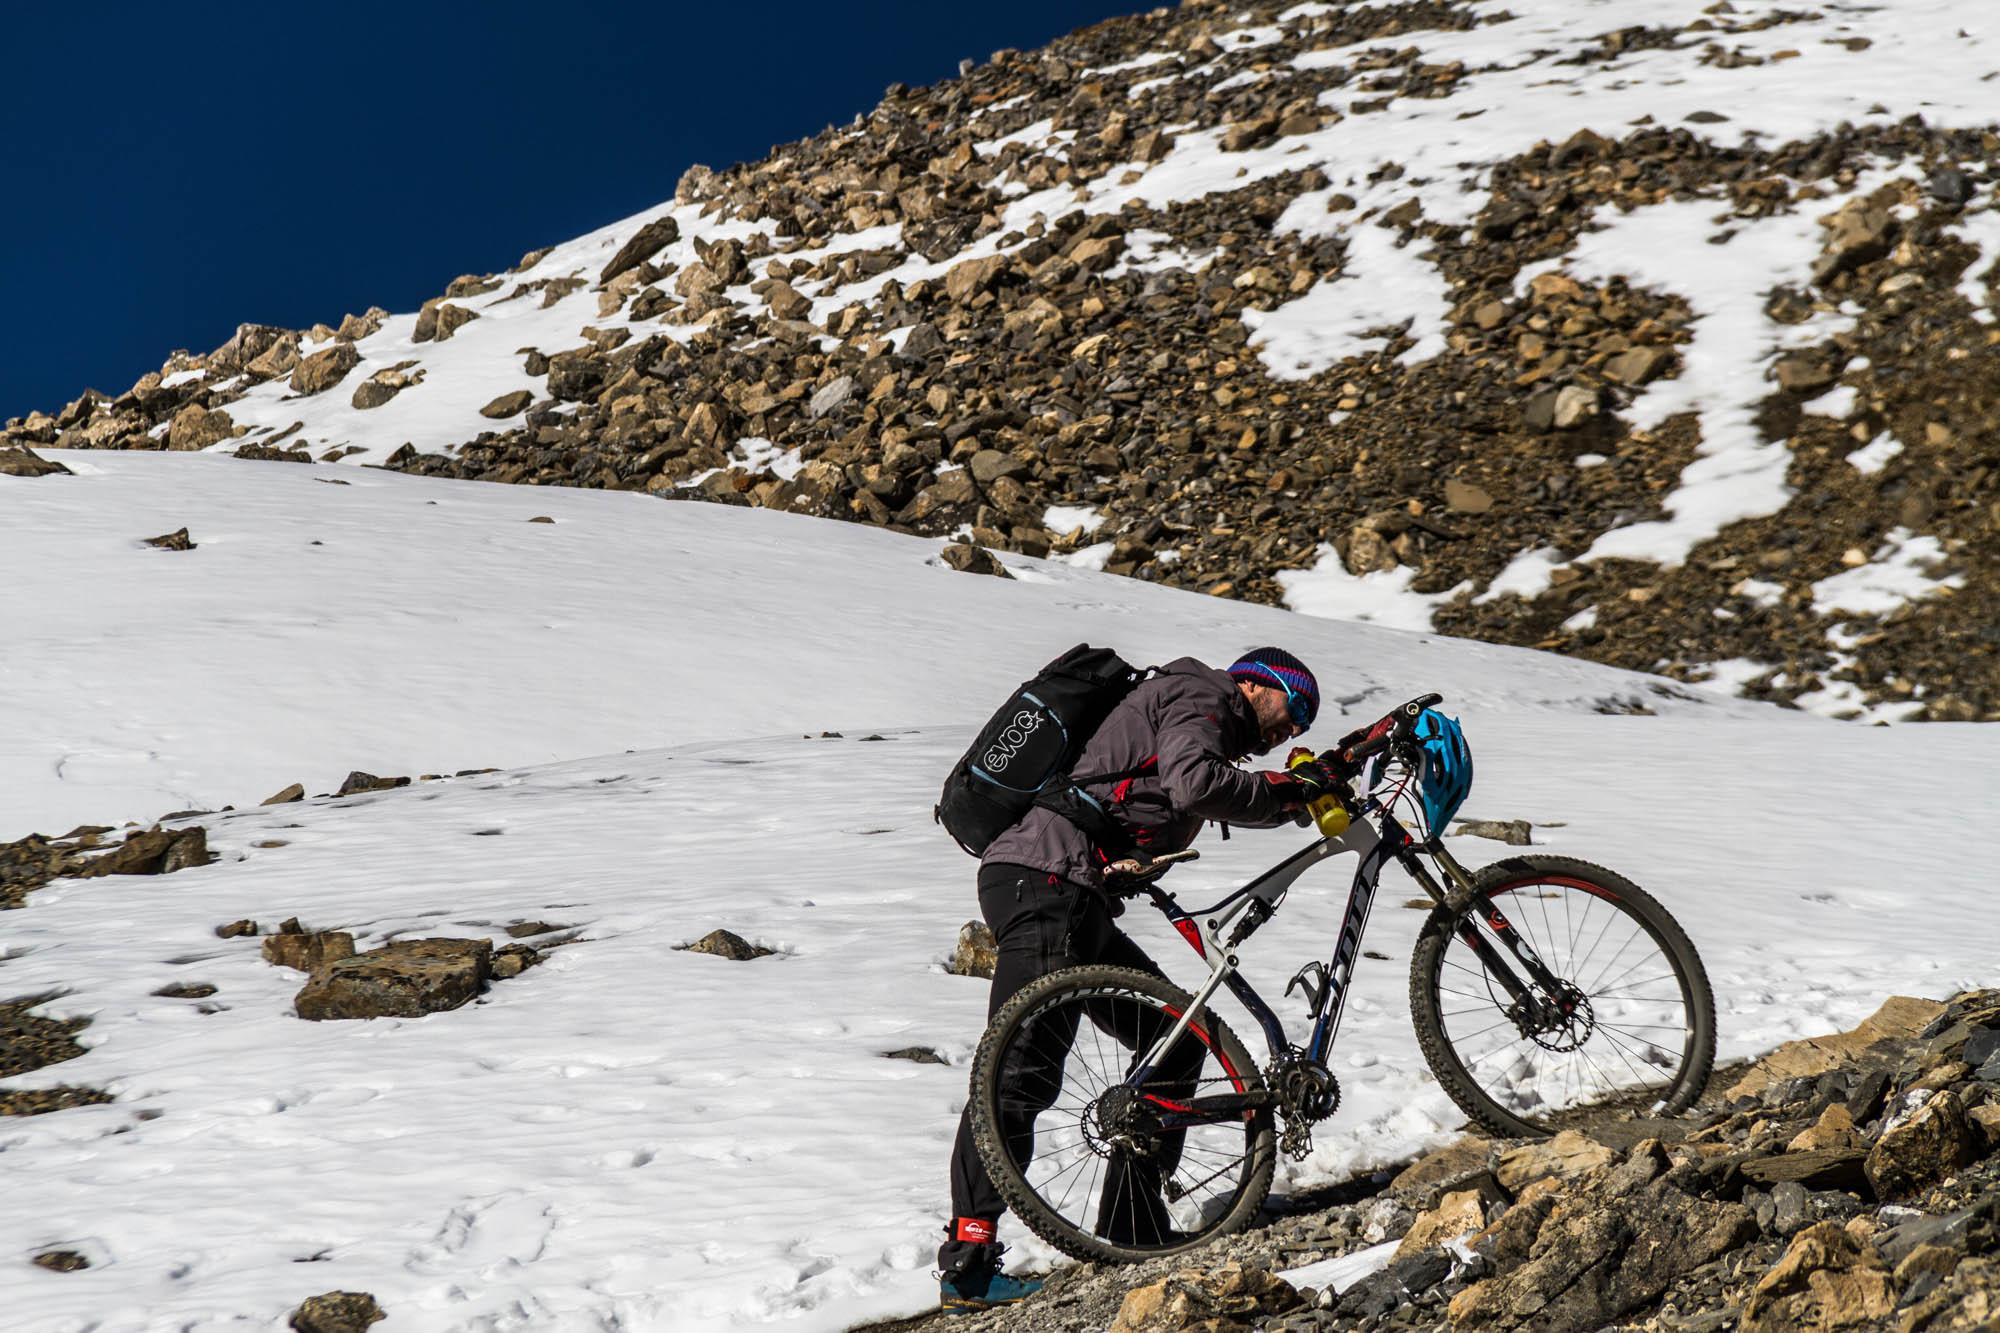 Ein Mountainbiker schiebt erschöpft sein Rad neben einem Schneefeld